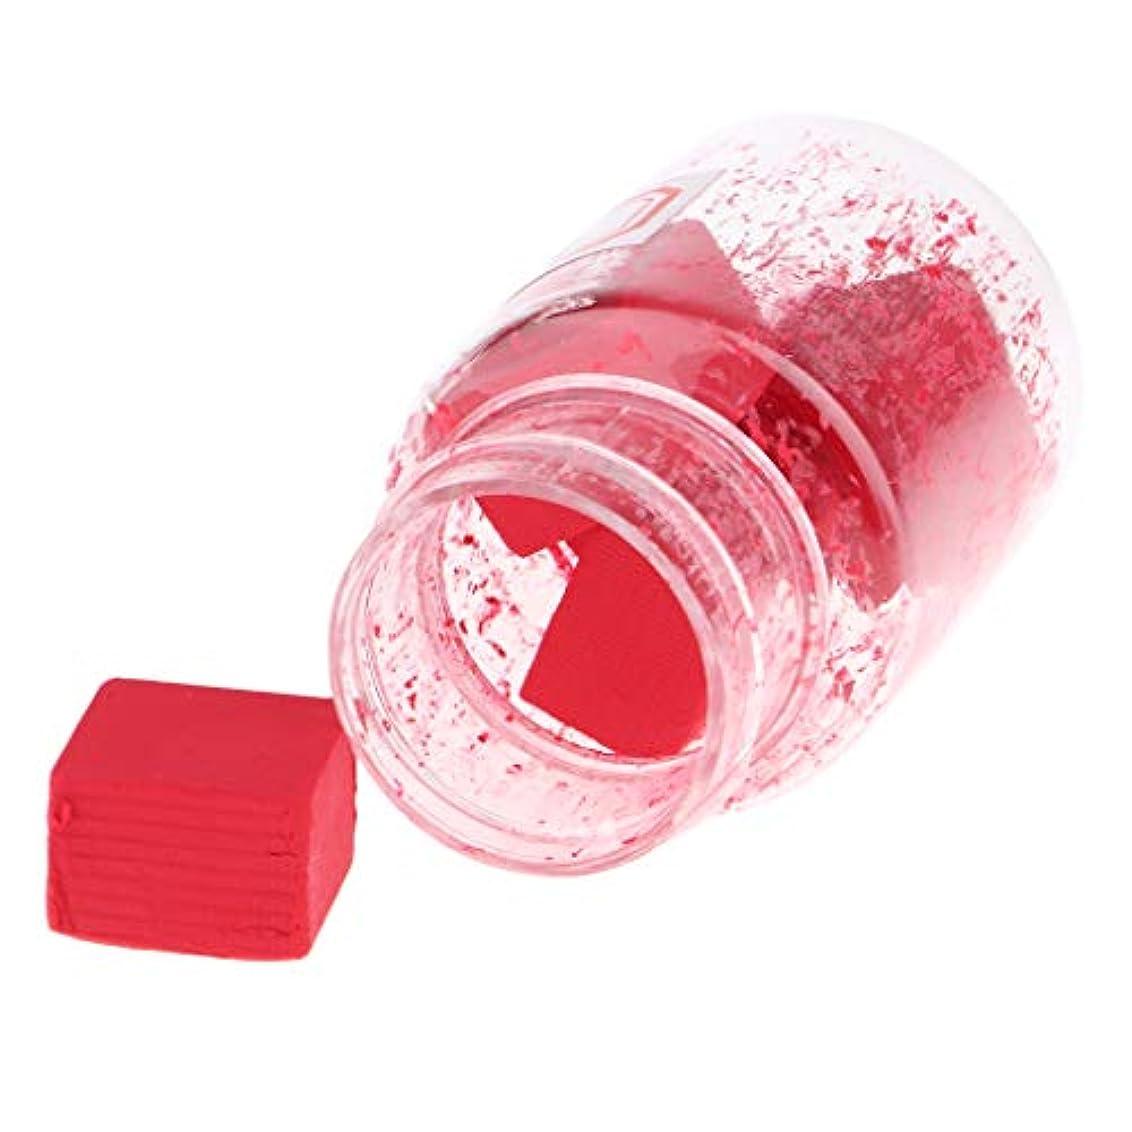 副産物アスペクトじゃない口紅作り DIY リップスティック原料 赤面原料 無ワックス 無粉砕 無飛翔粉末 9色選択でき - B